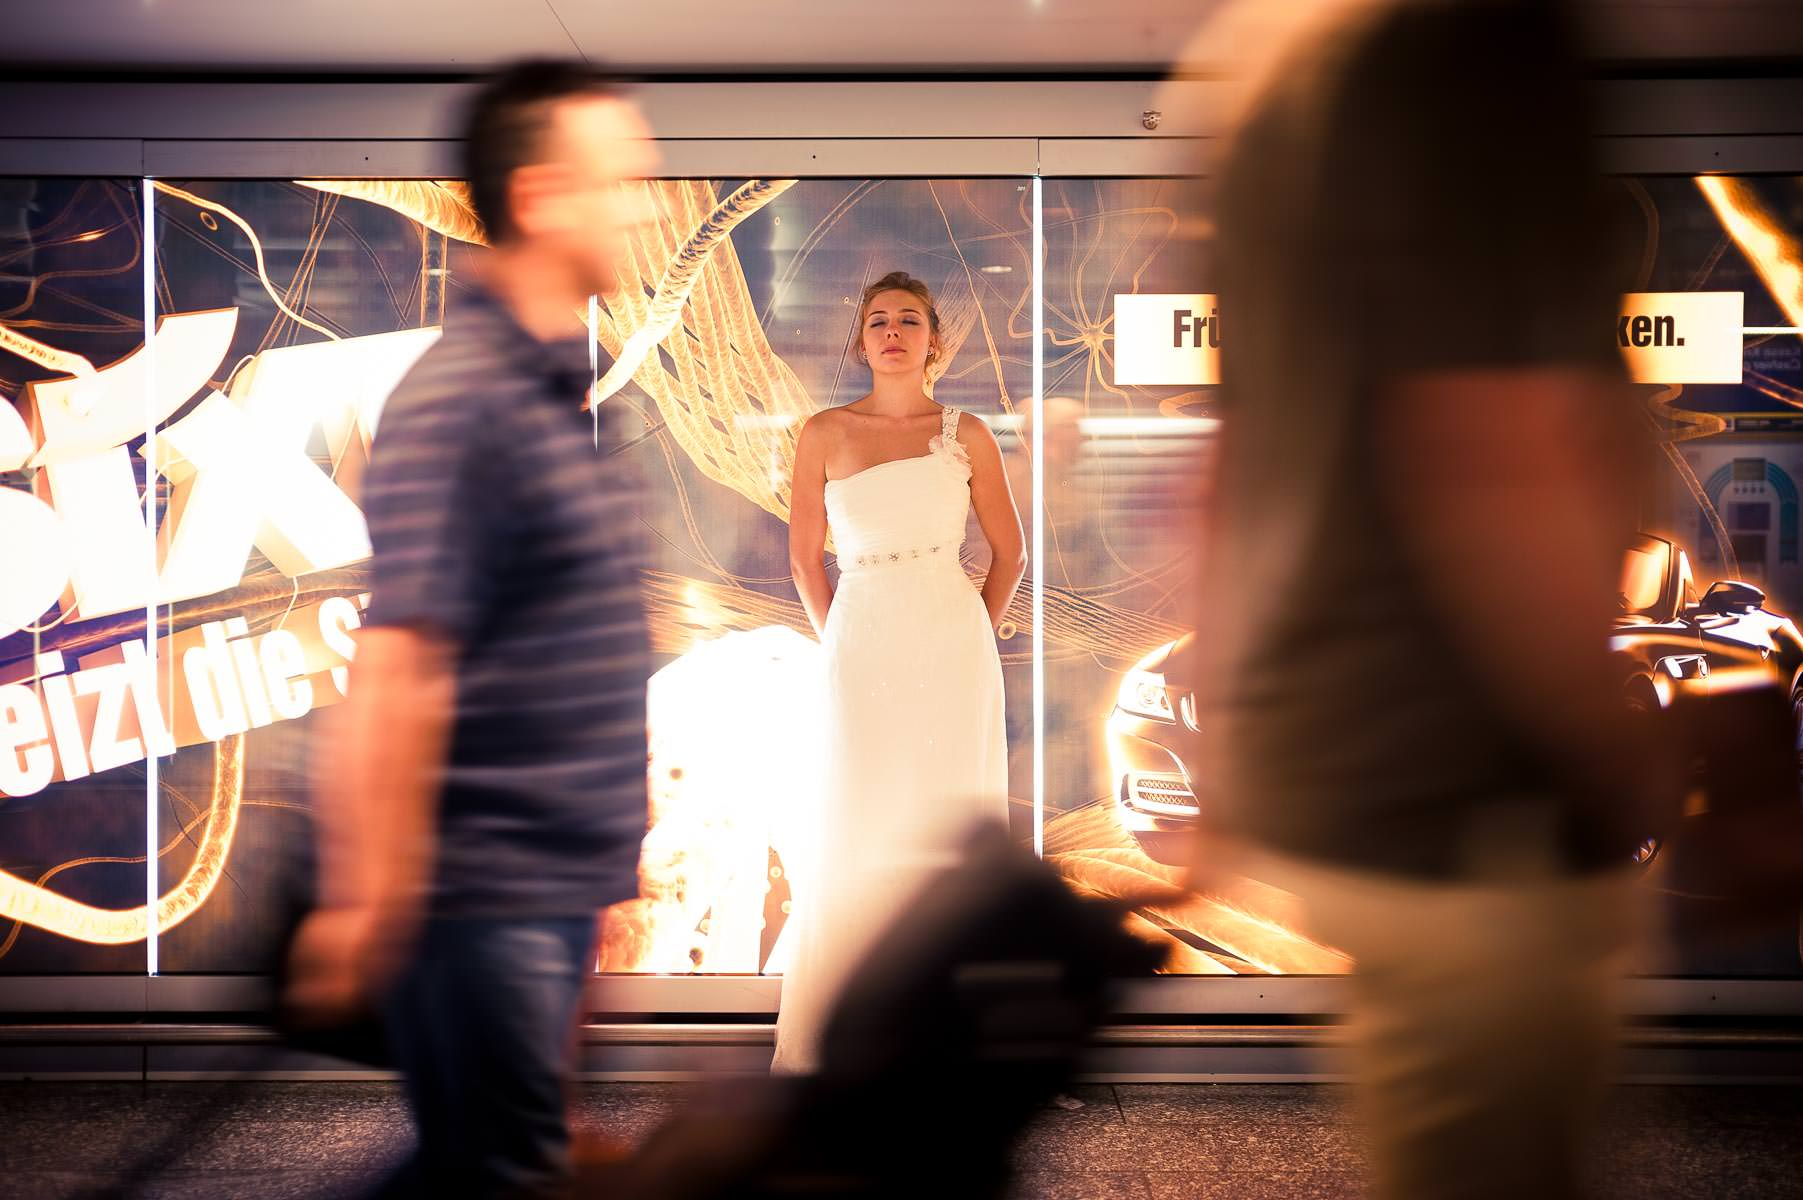 die Braut lehnt an der Leuchtreklame und genießt die Zeit während die Passanten eilig vorüberlaufen.